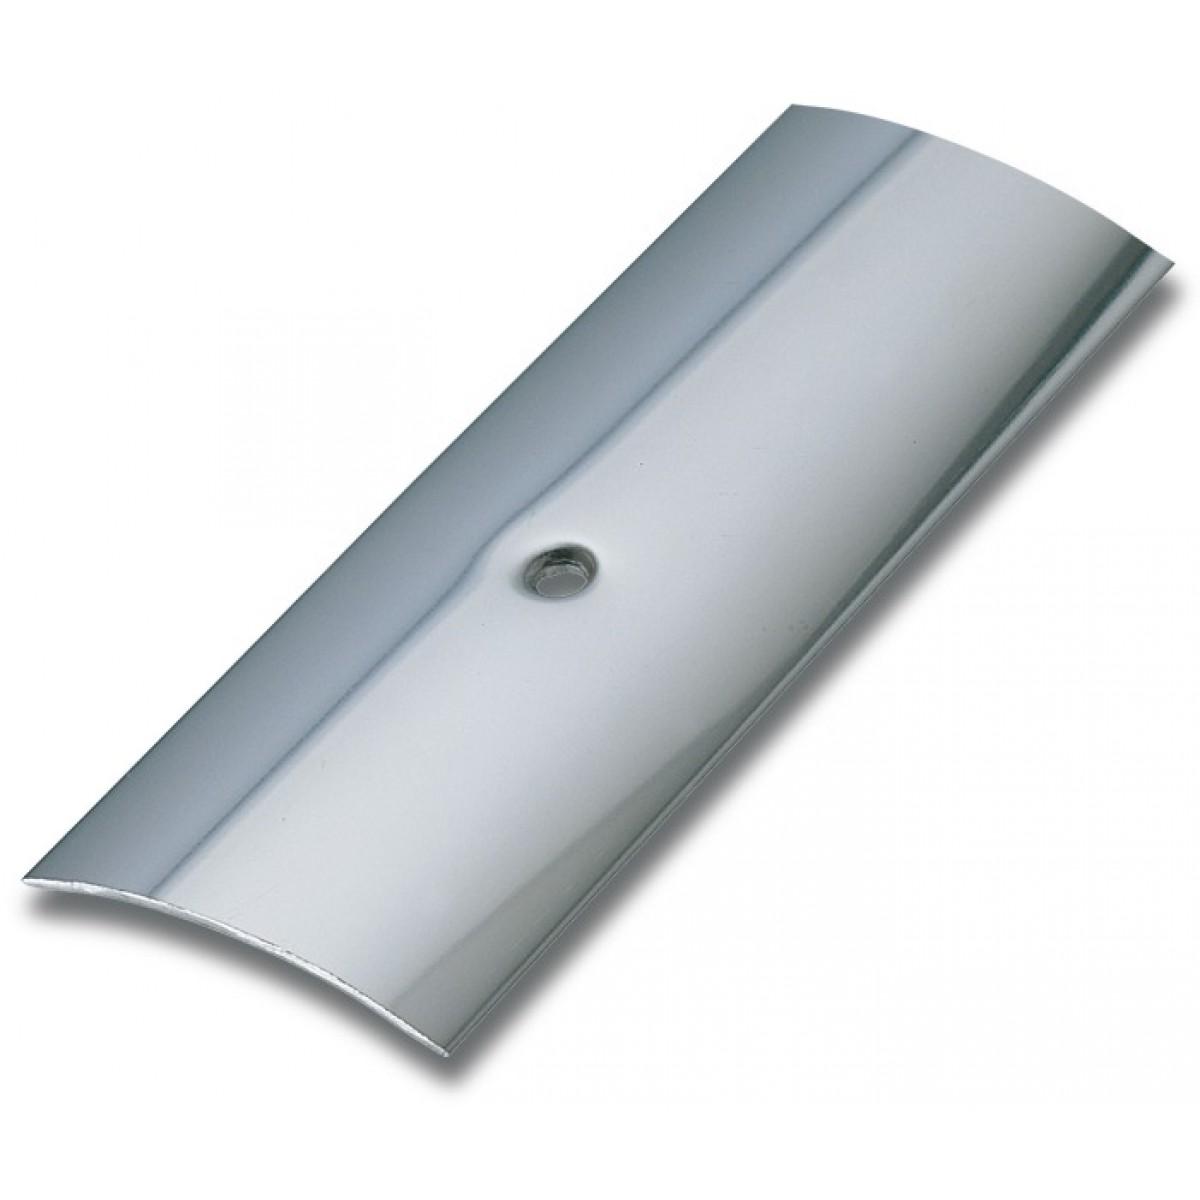 Bande de seuil adhésive inox Dinac - Longueur 83 cm - Largeur 30 mm